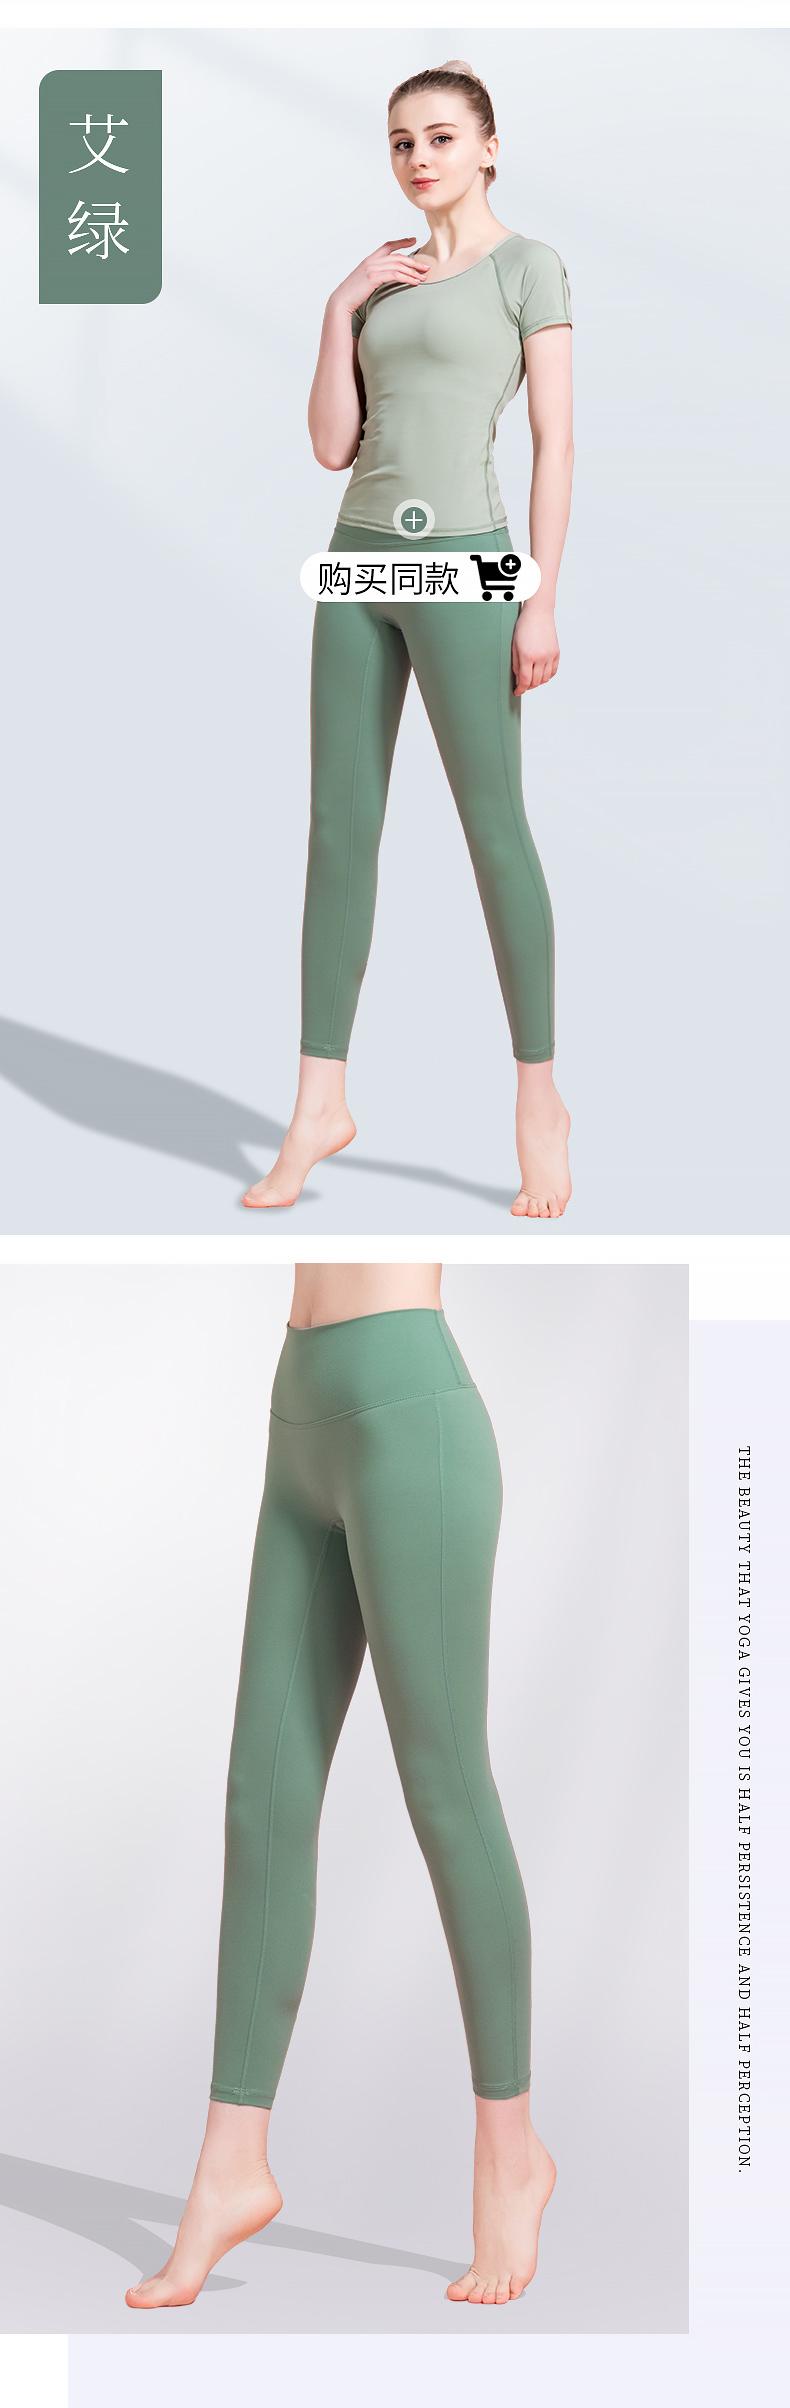 梵美人专业裸感瑜珈裤女外穿无尴尬线高腰紧身运动健身九分裤详细照片